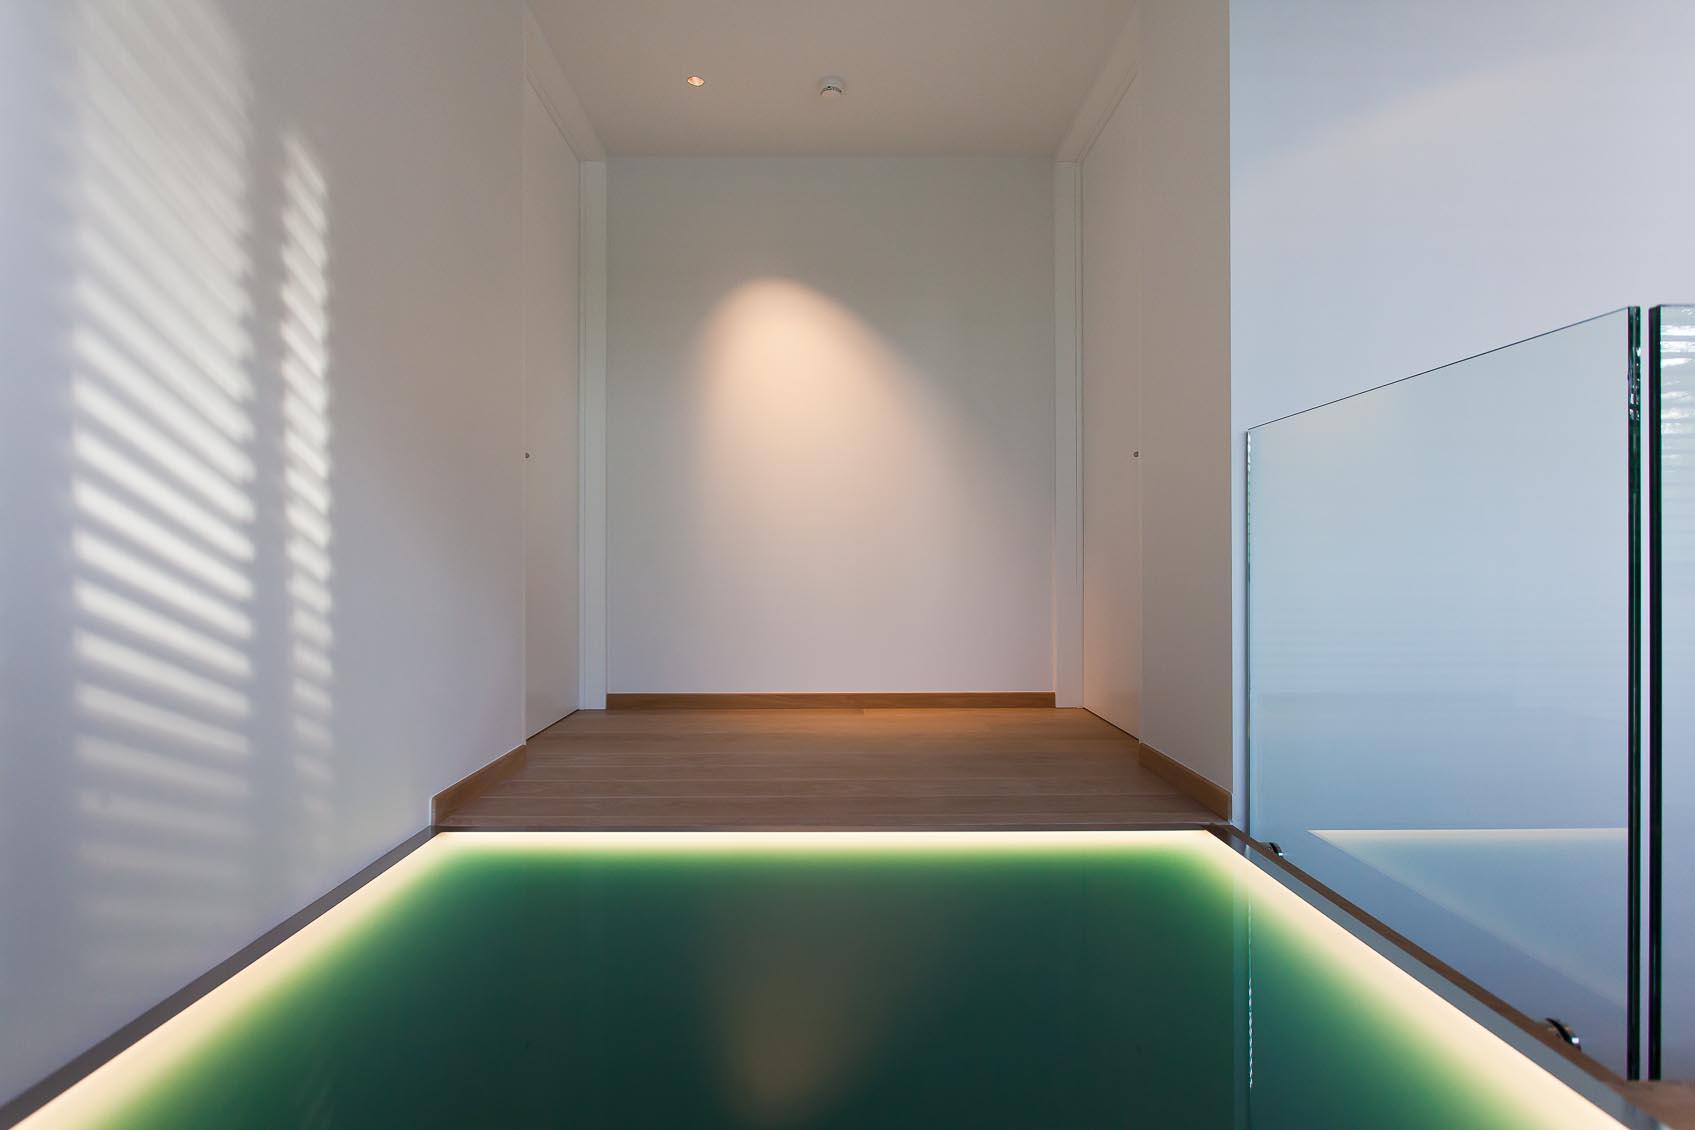 led licht lijn in glazen vloer